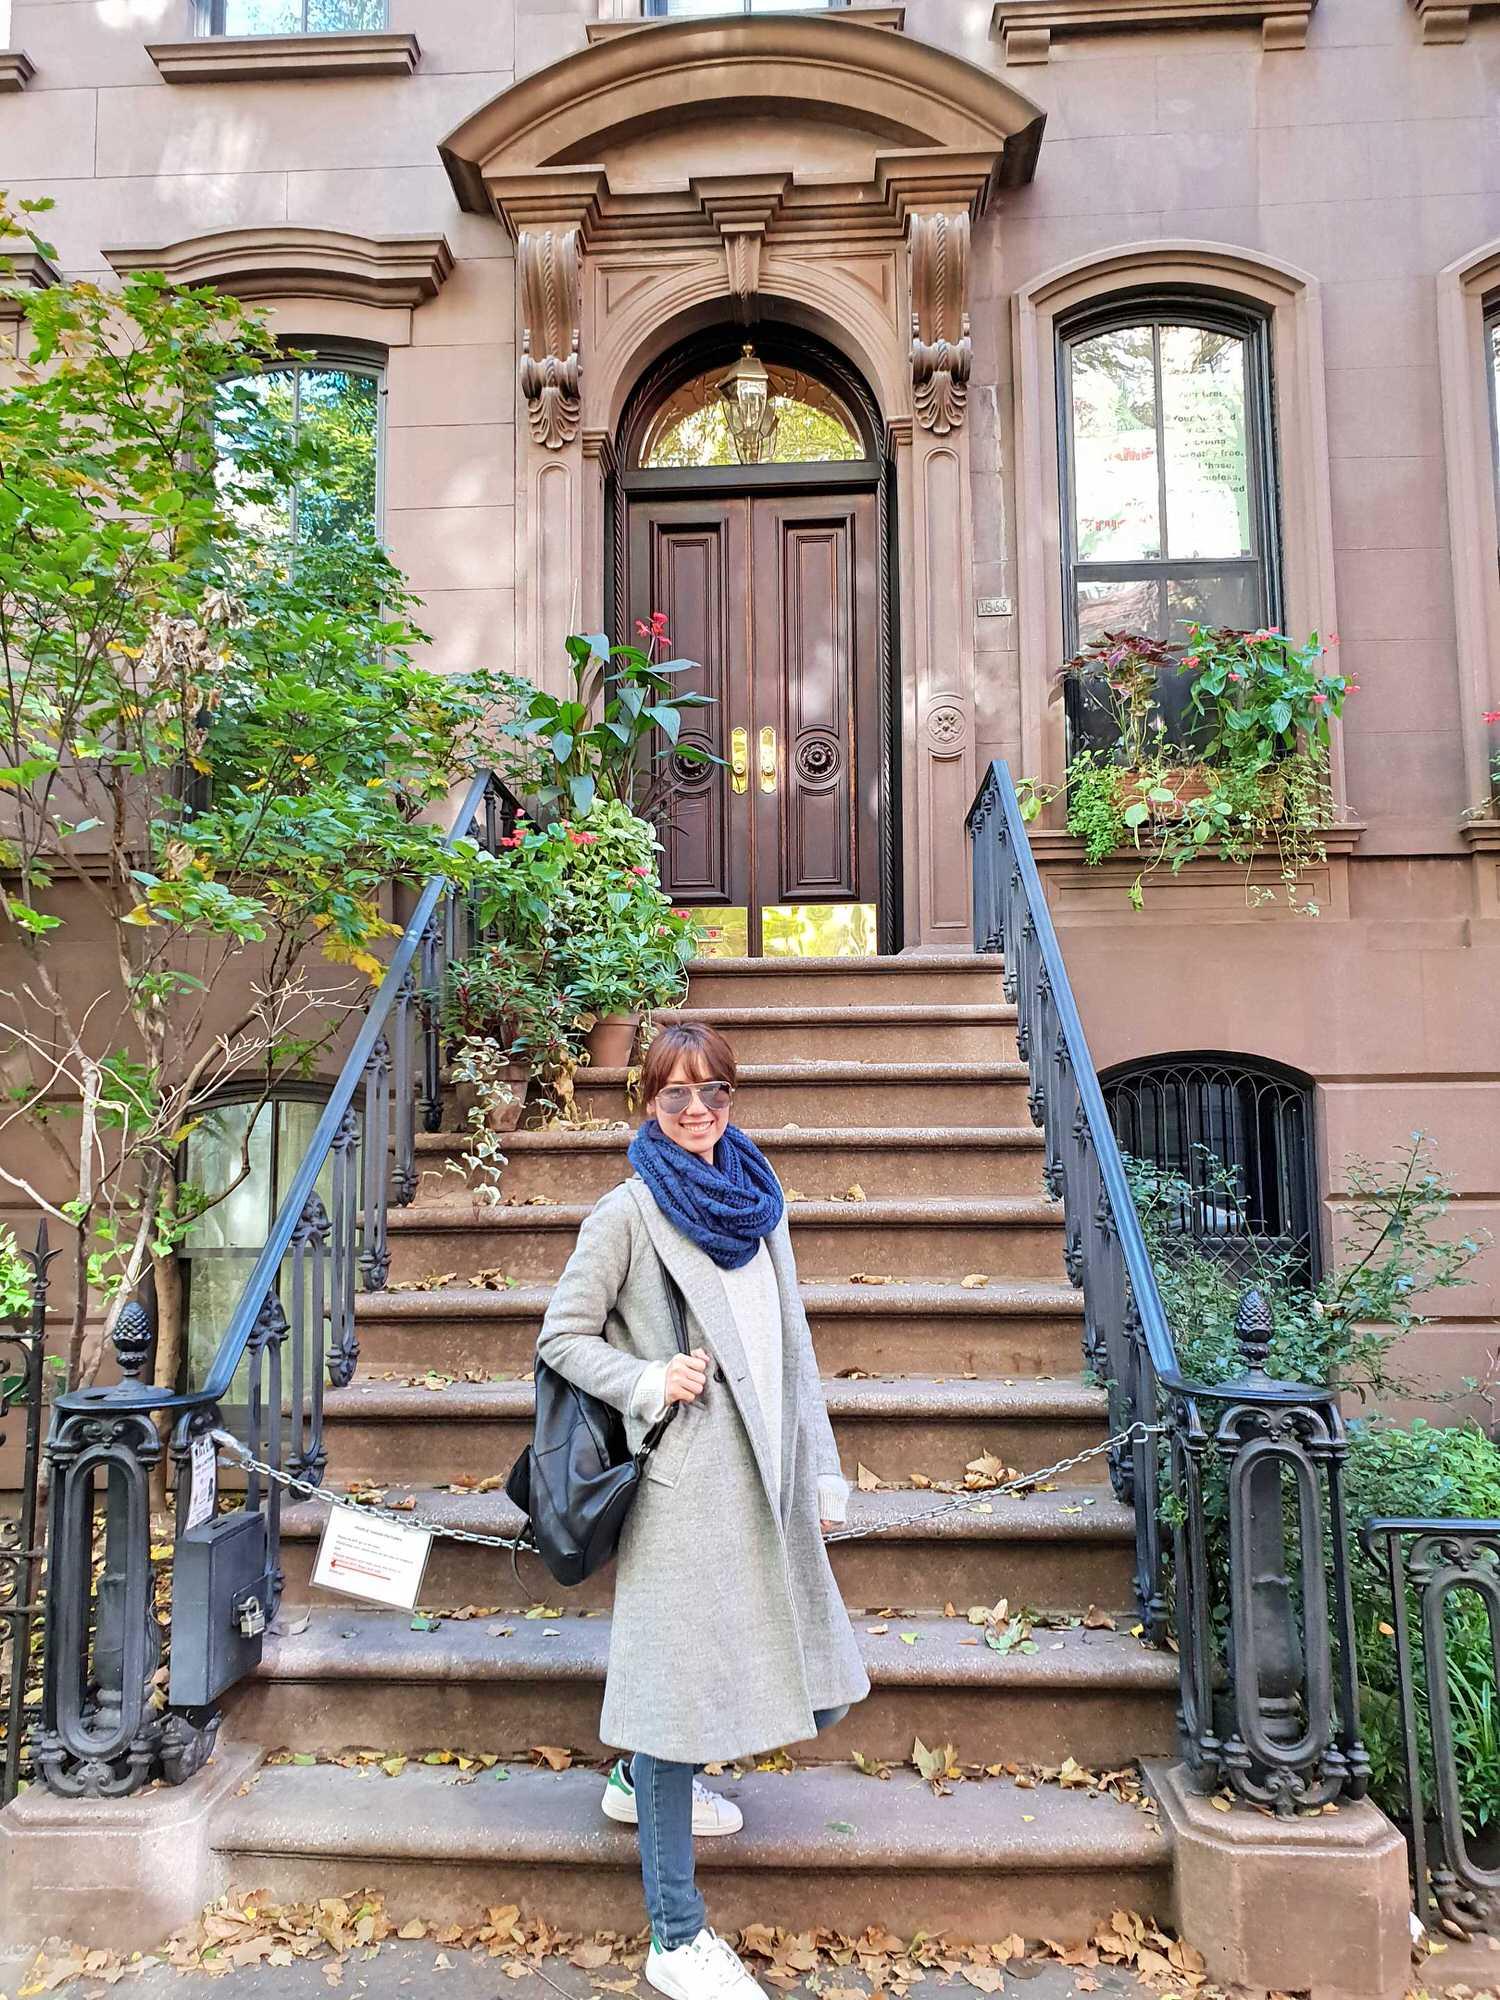 【紐約】西村West Village – Buvette法式早午餐令人驚豔,走訪慾望城市凱莉的家